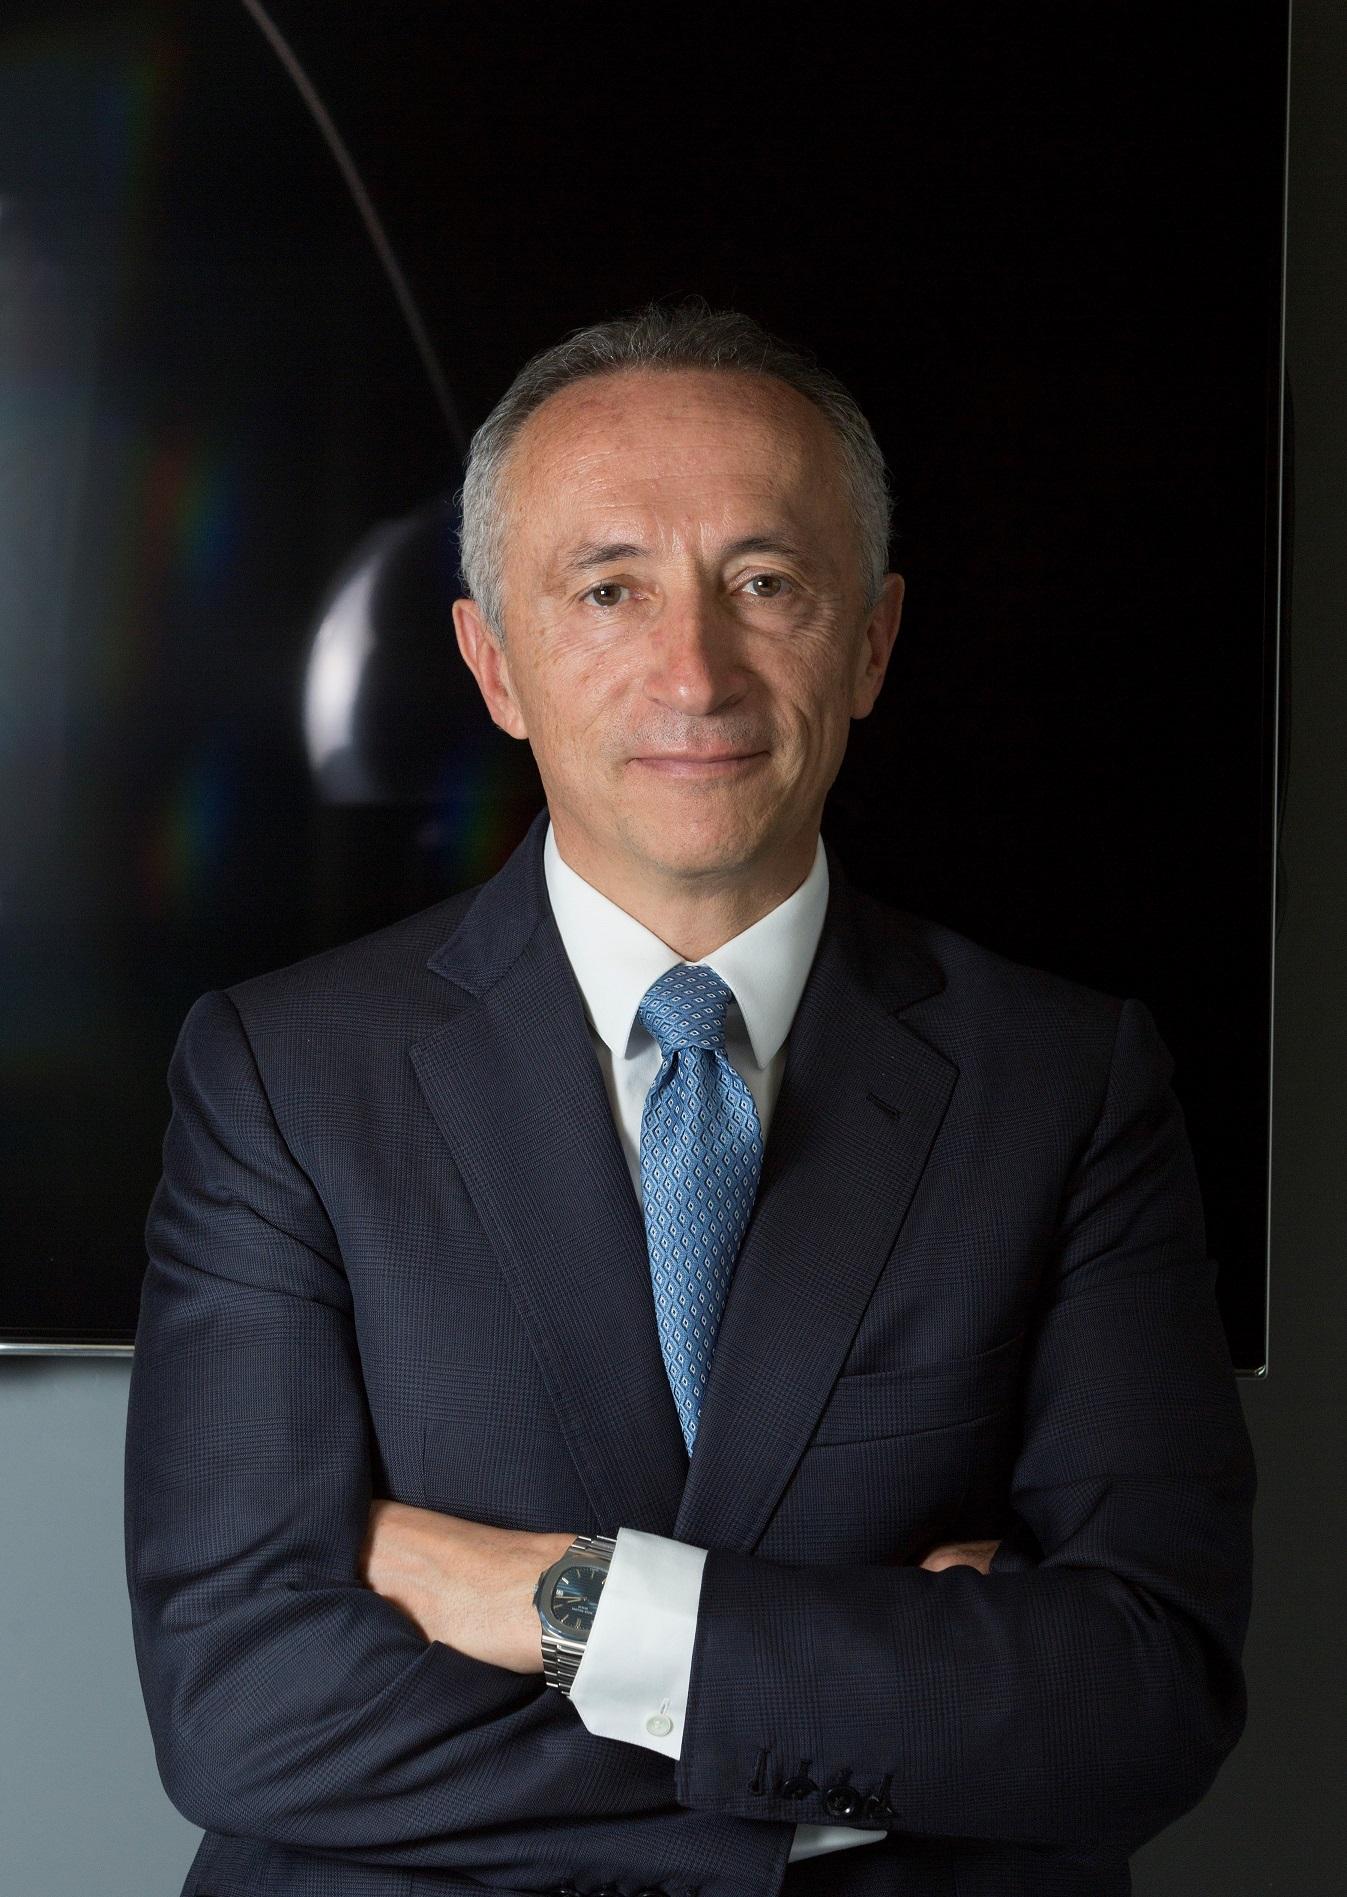 Alberto Galassi